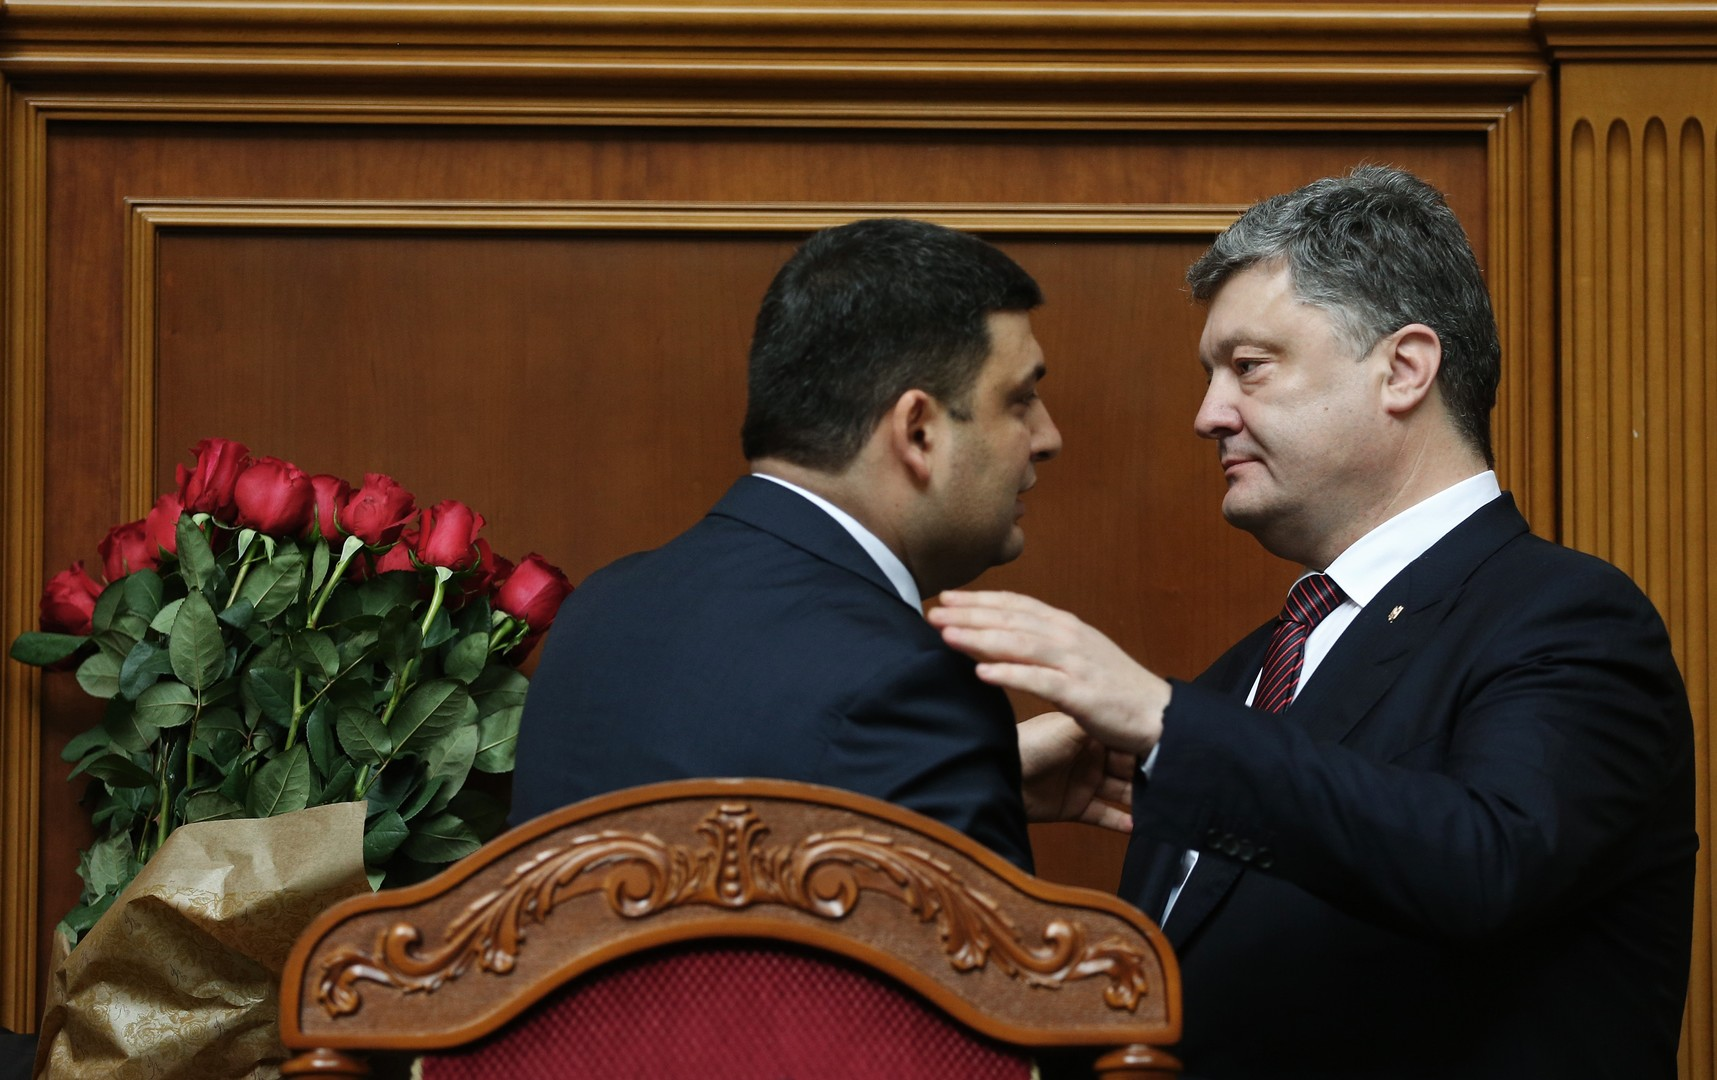 Allié de Porochenko, le nouveau Premier ministre ukrainien pourra-t-il lutter contre la corruption ?